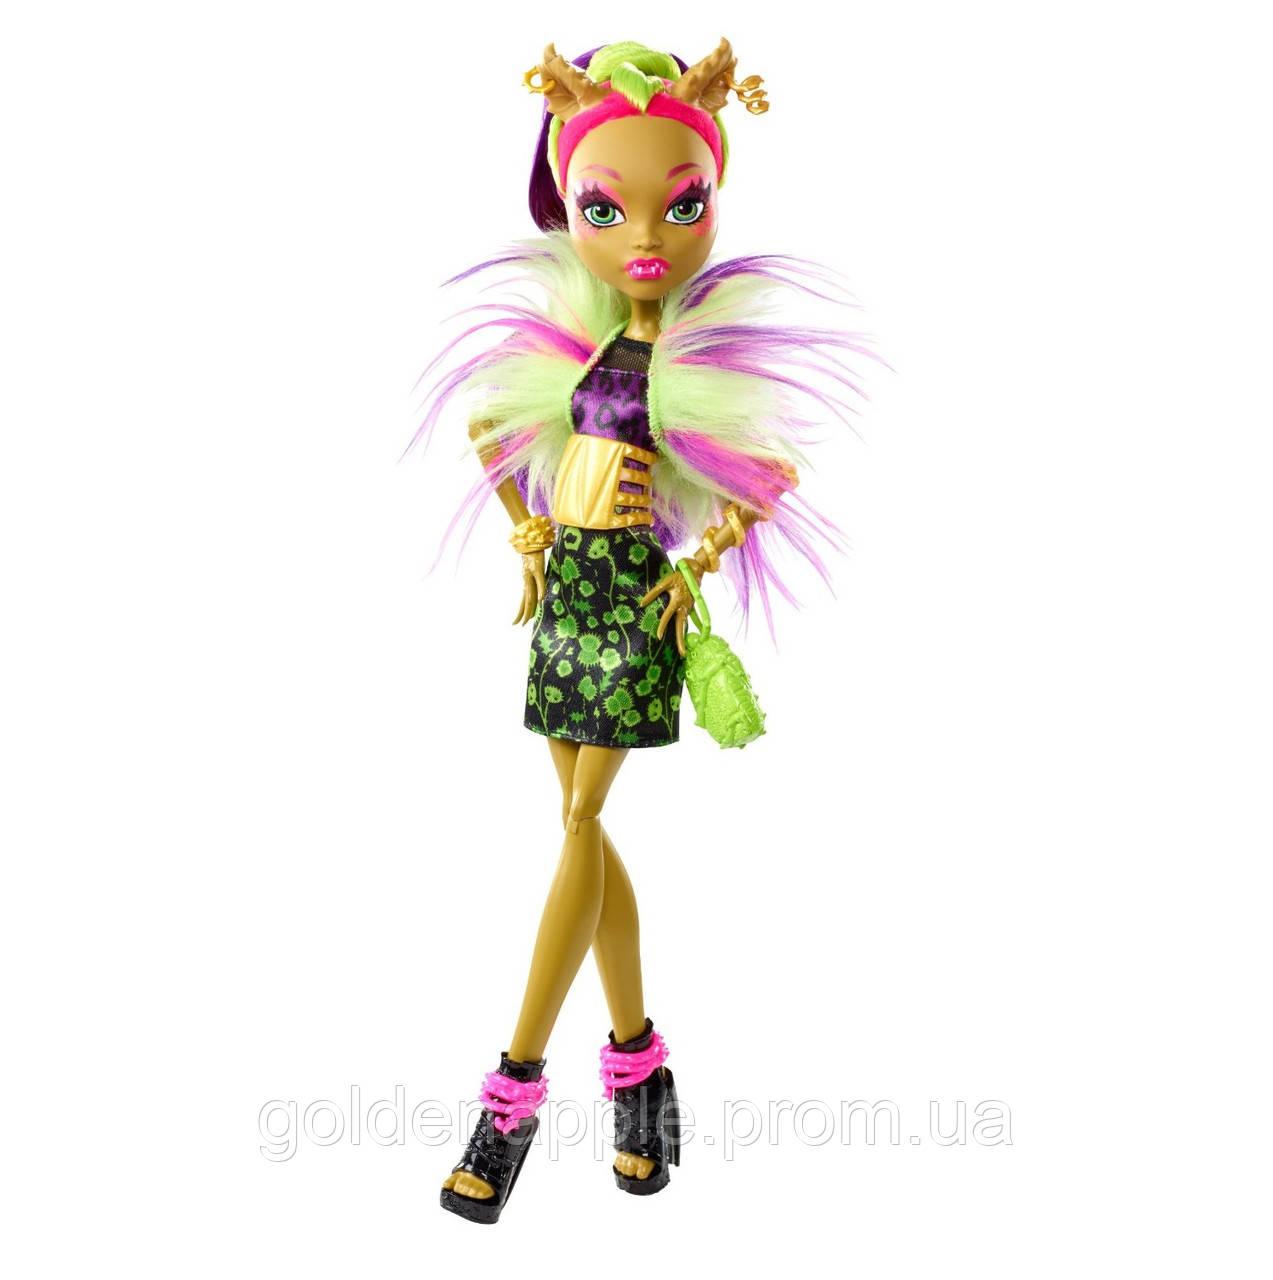 Кукла Монстер Хай Кловенера Слияние Монстров Monster High Clawvenus Freaky Fusion - Интернет магазин   Золотое яблоко в Львове